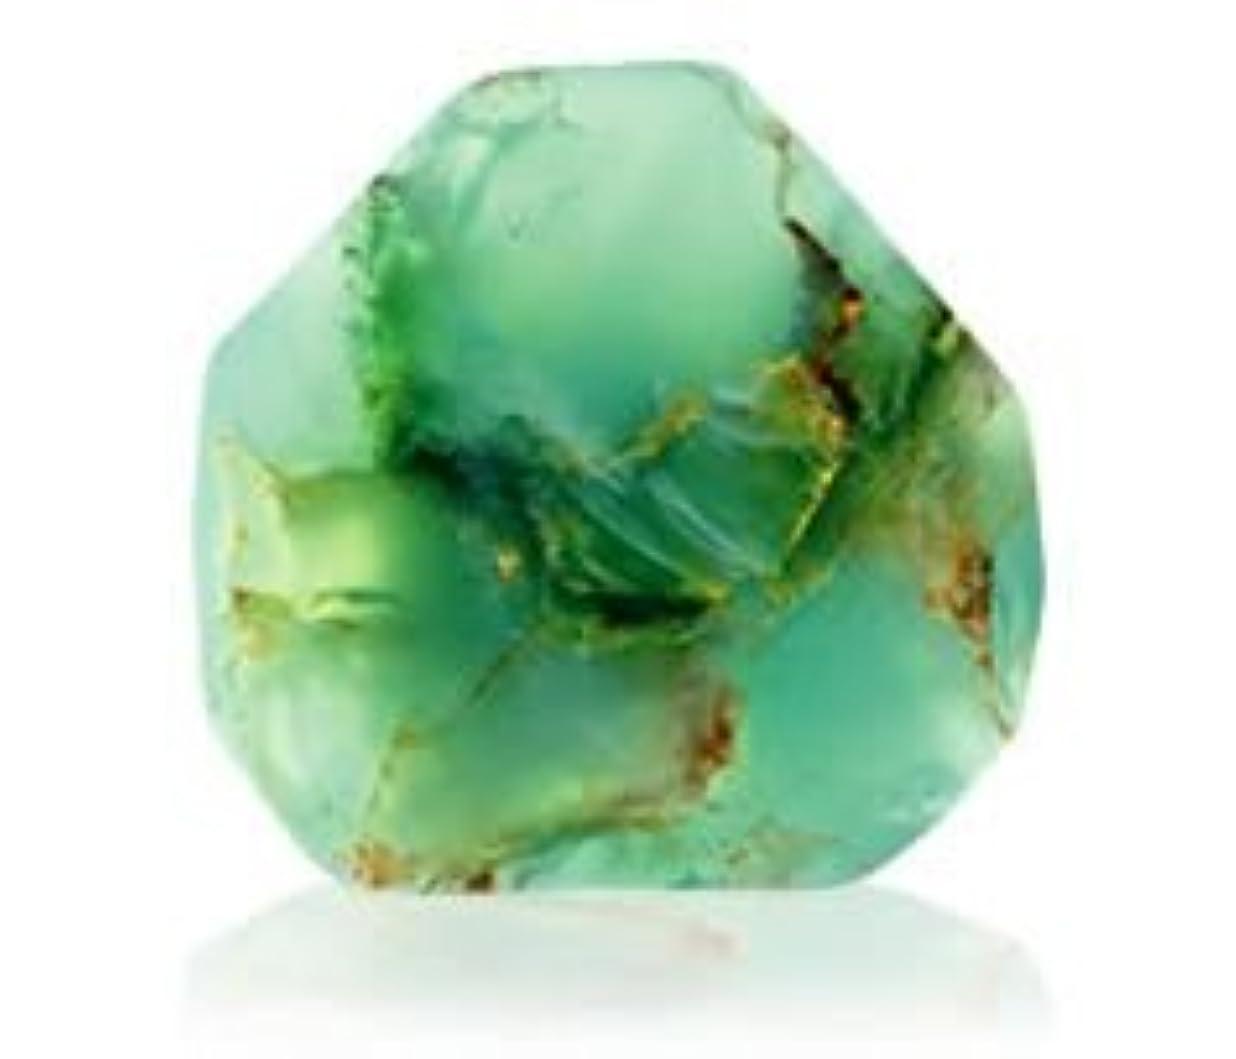 作成者期待する櫛Savons Gemme サボンジェム 世界で一番美しい宝石石鹸 フレグランスソープ ジェイド 170g